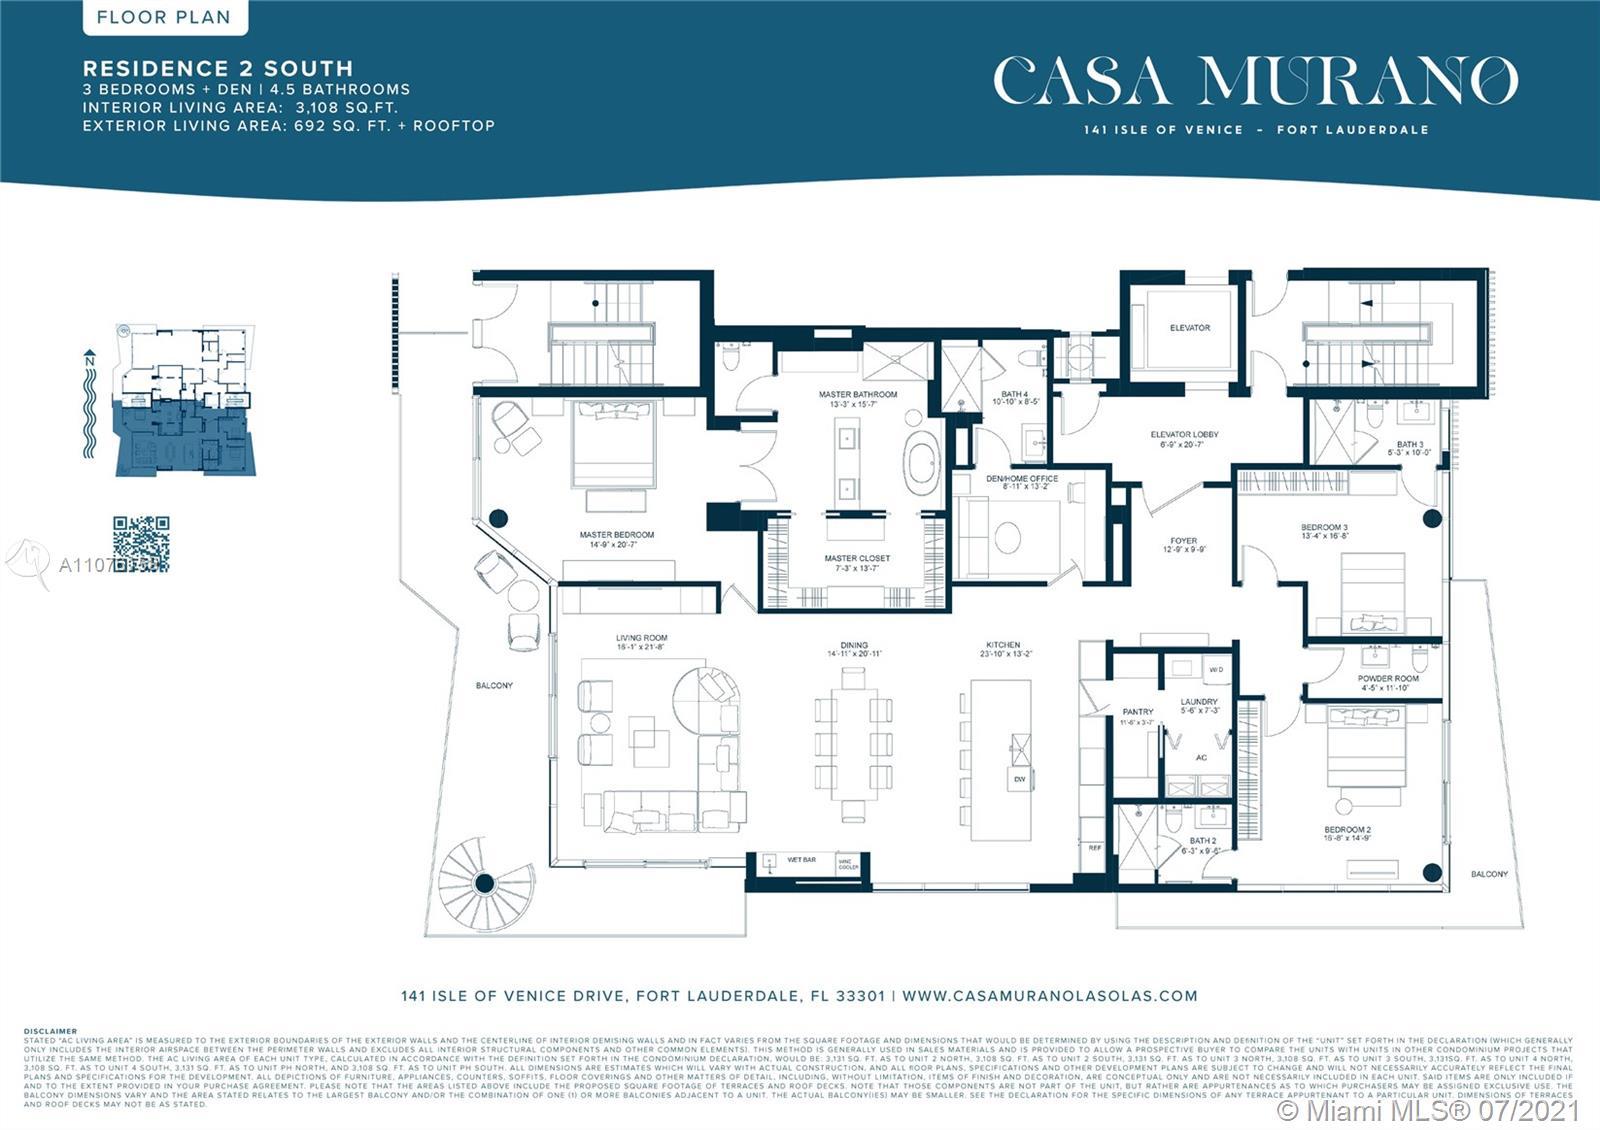 Photo of Casa Murano Las Olas Apt 2 South